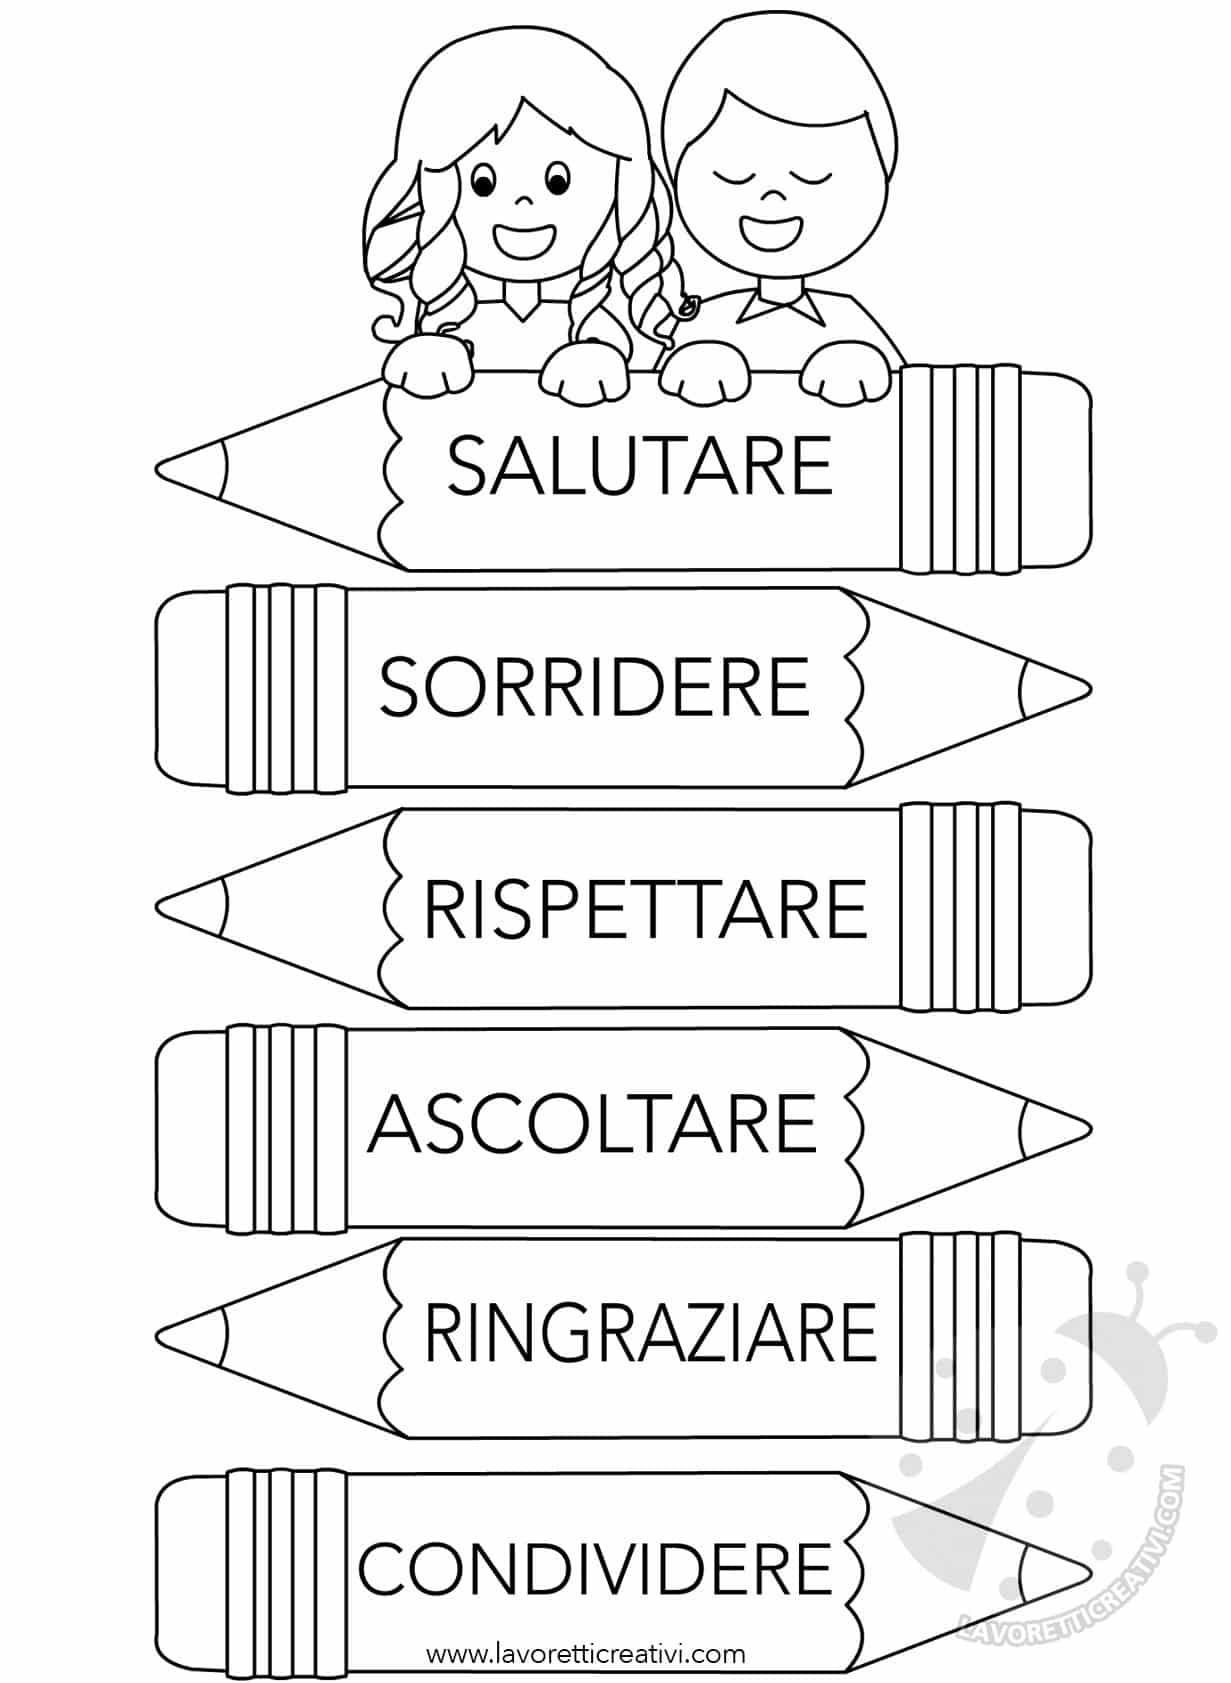 Cartello con regole di comportamento lavoretti creativi for Colorare le rose